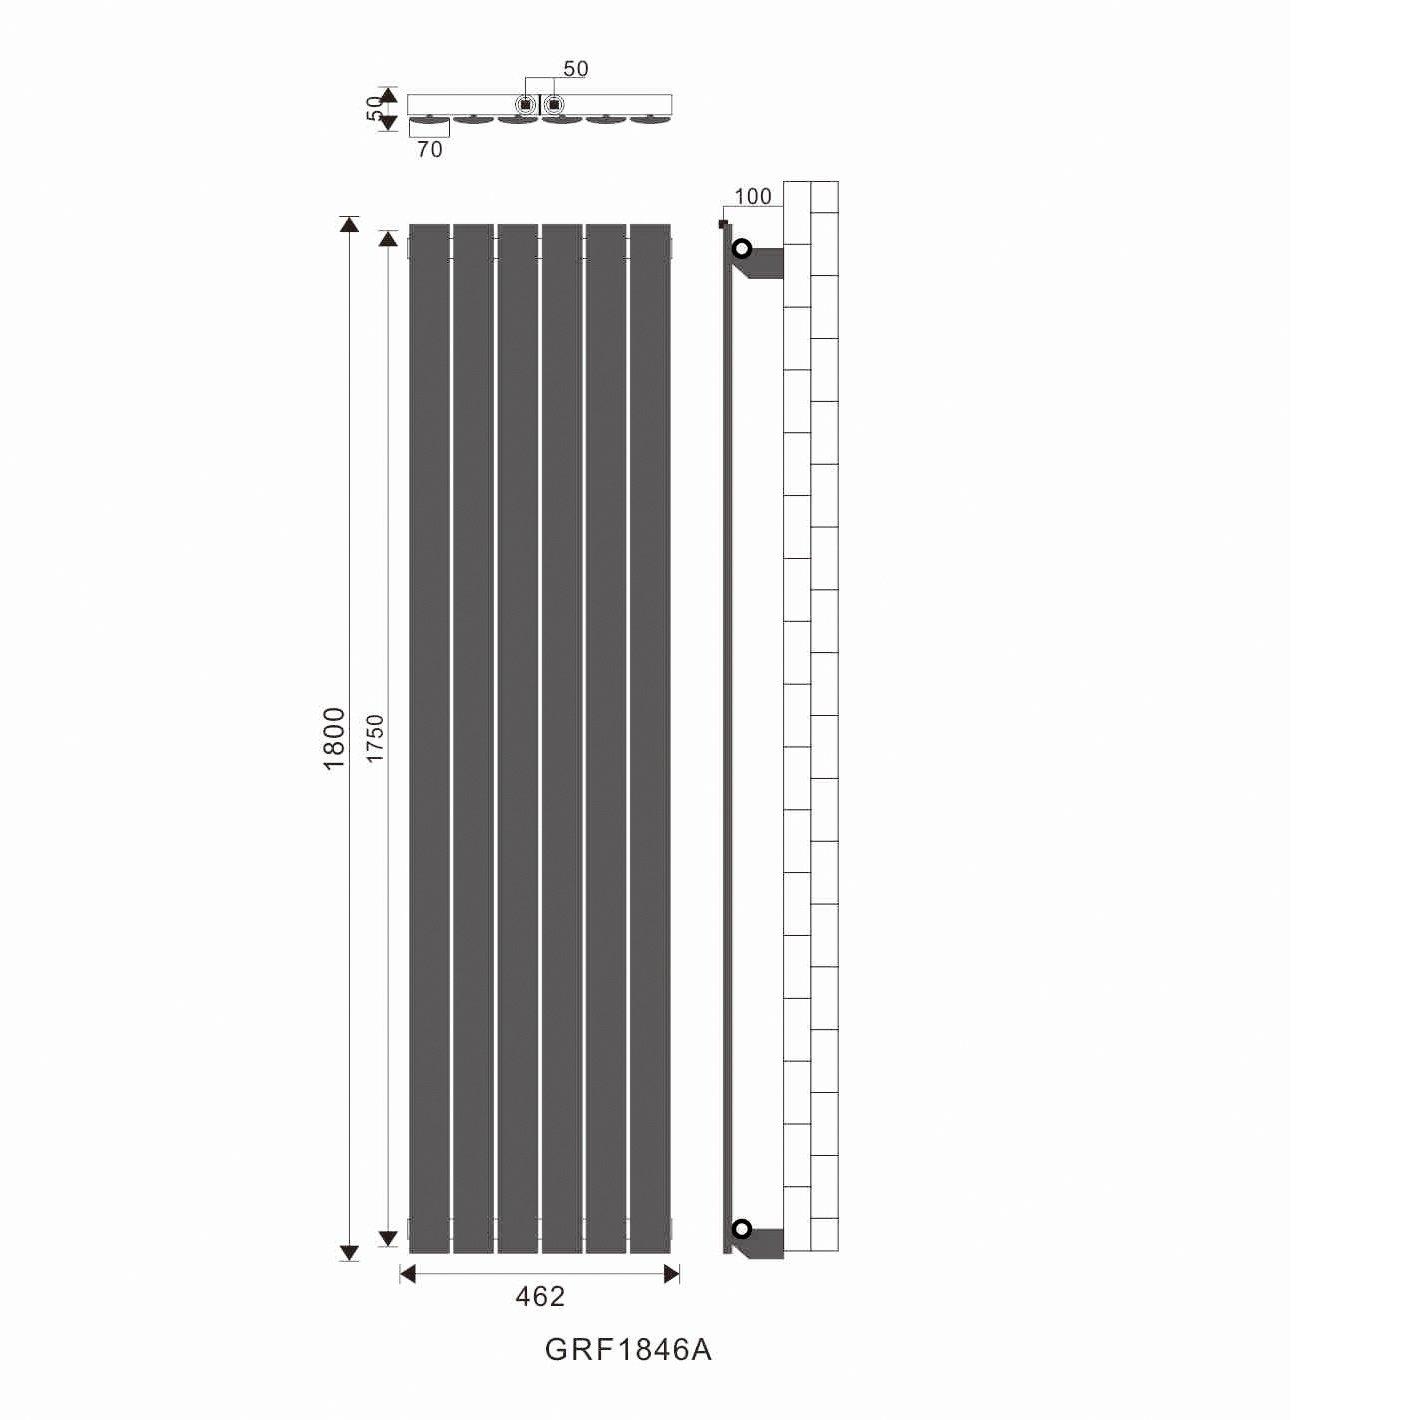 Badheizk/örper Design Flach Heizk/örper 1800x462mm Antrazit Paneelheizk/örper Vertikal Mittelanschluss Einlagig